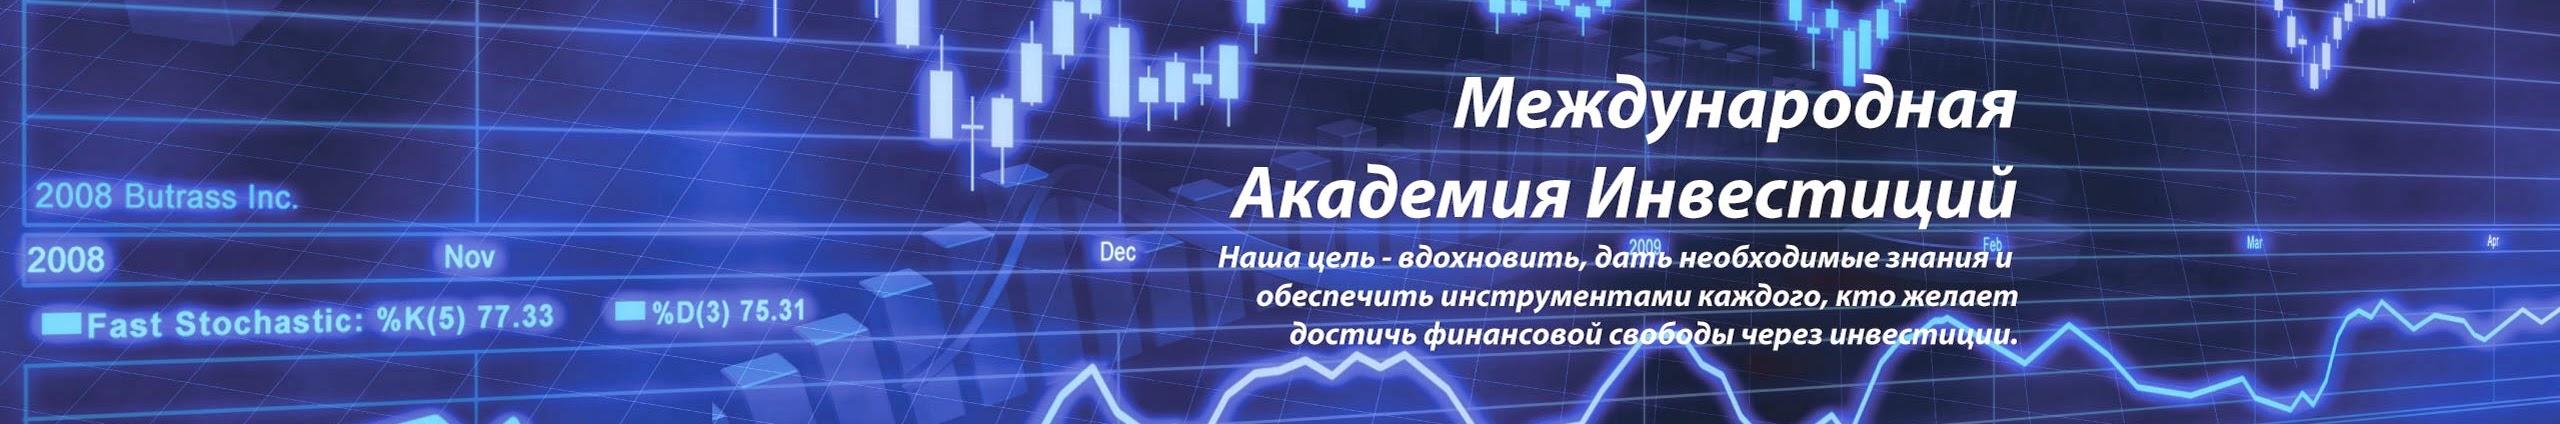 15 курсов по инвестированию международная академия инвестиций